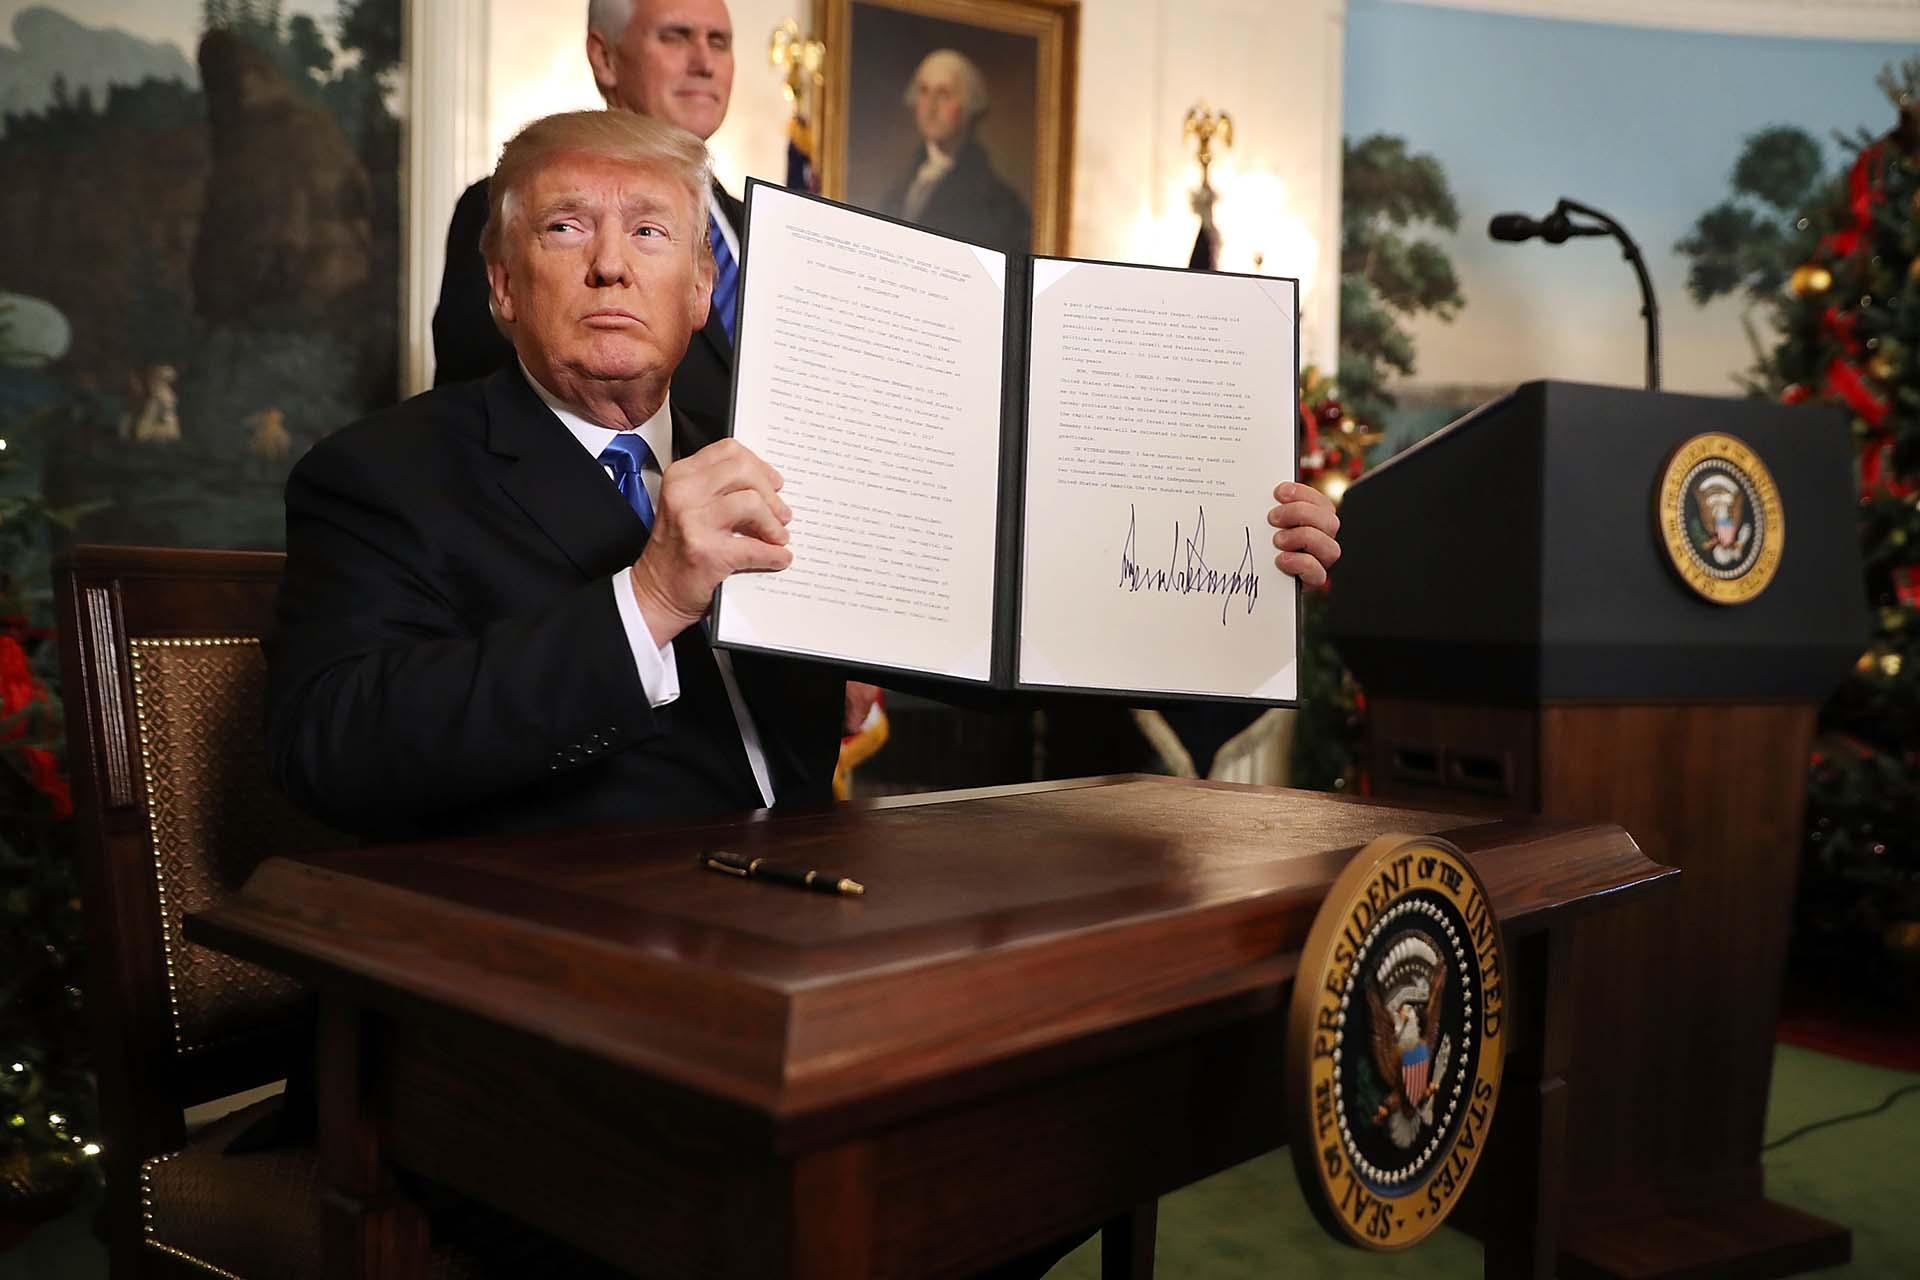 6/12/2017 Donald trump muestra la resolución con su firma con el reconocimiento de Estados Unidos a Jerusalén como capital de Israel.